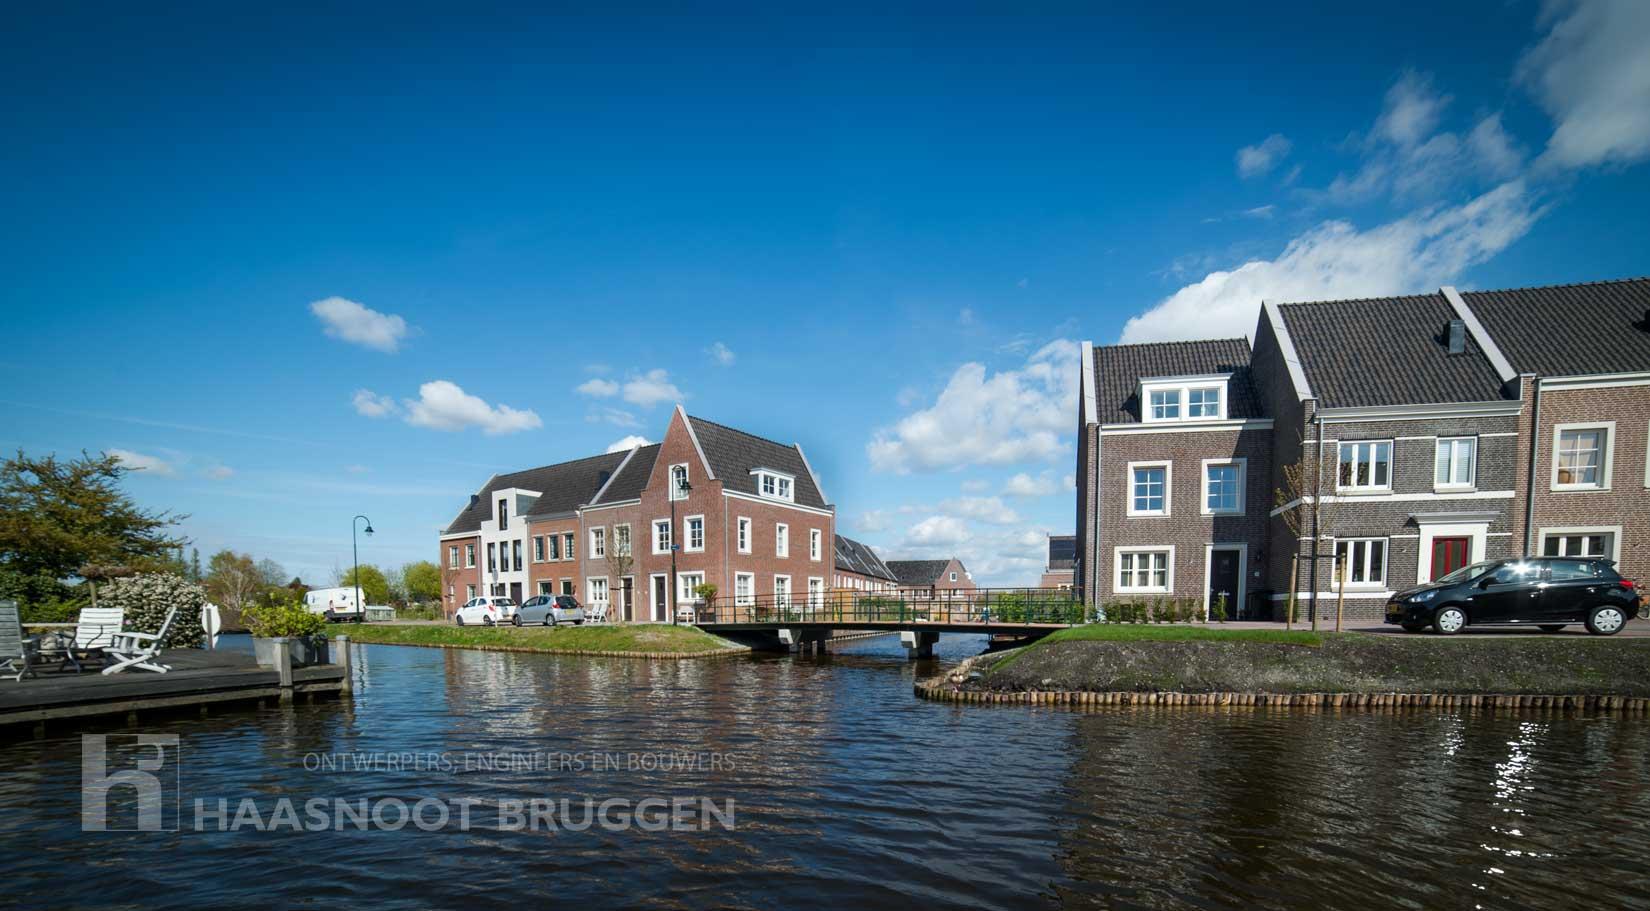 Haasnoot_Bruggen_Roelofarendsveen_Oevers